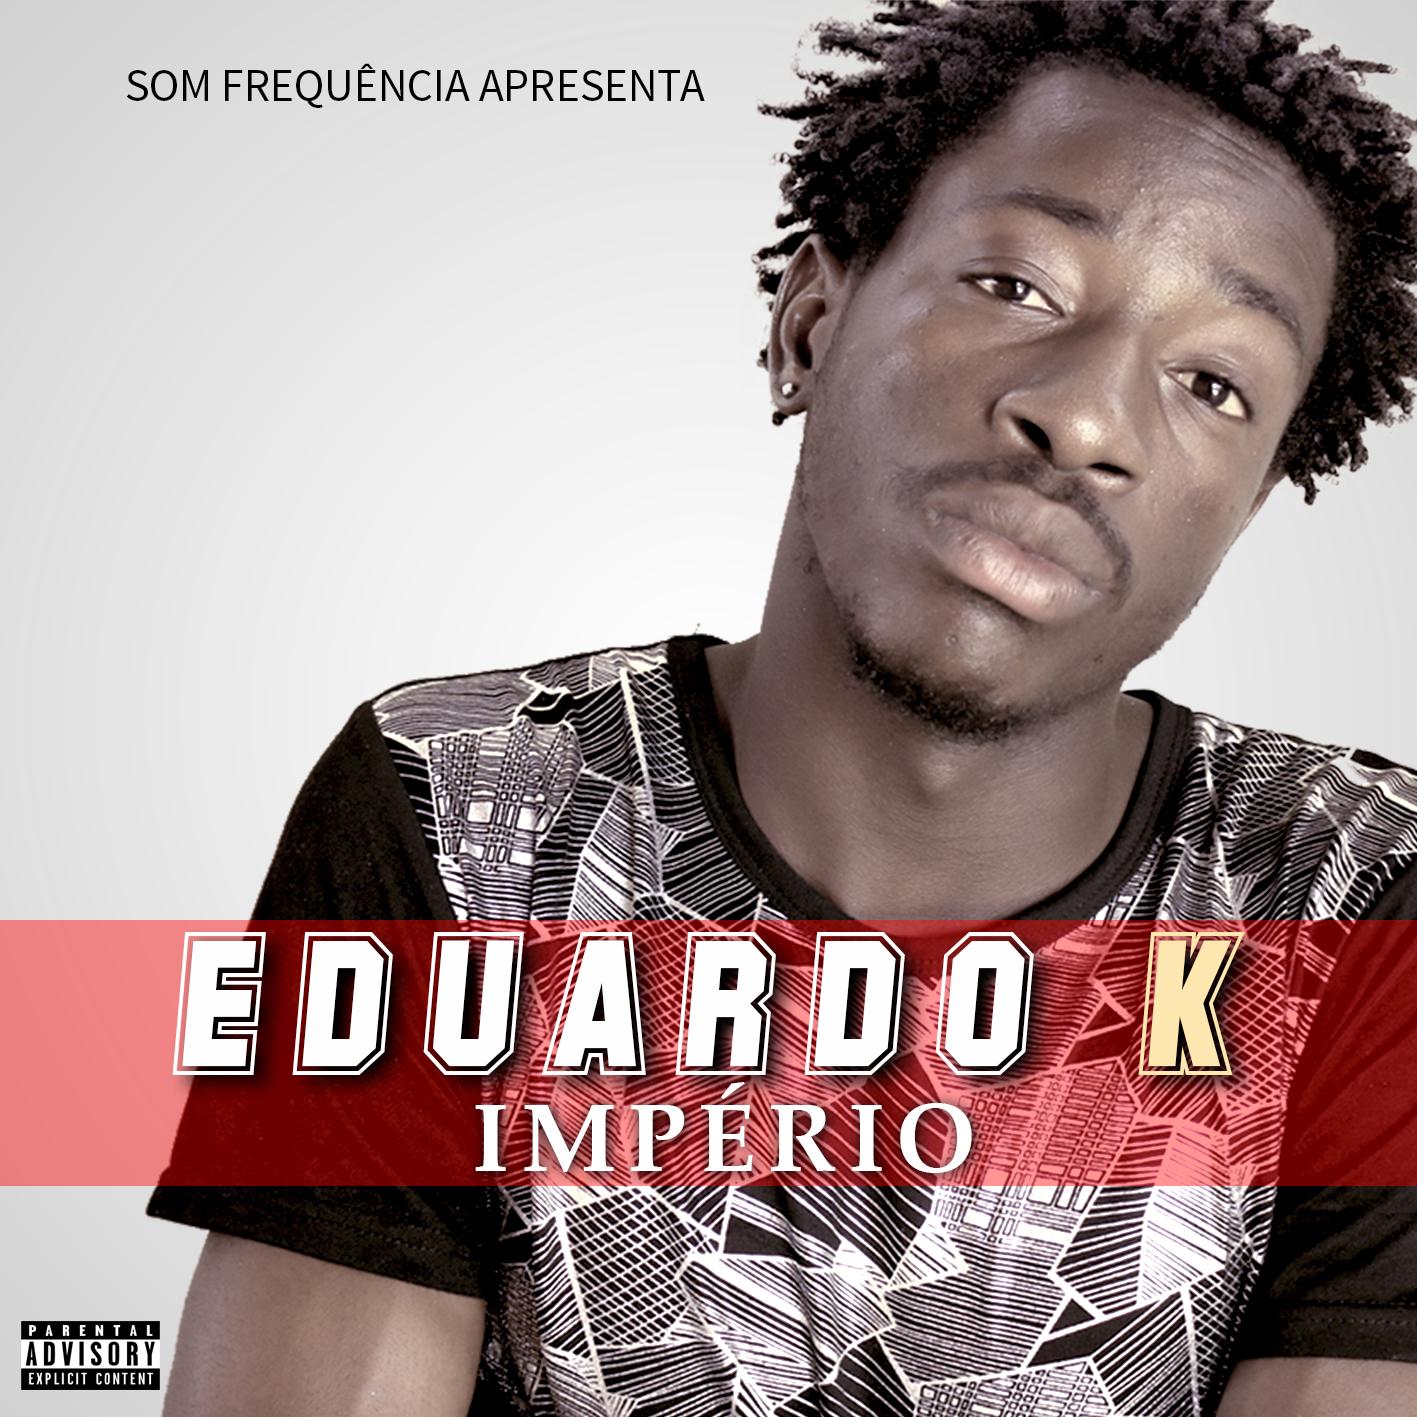 EDUARDO K - IMPÉRIO (MIXTAPE)